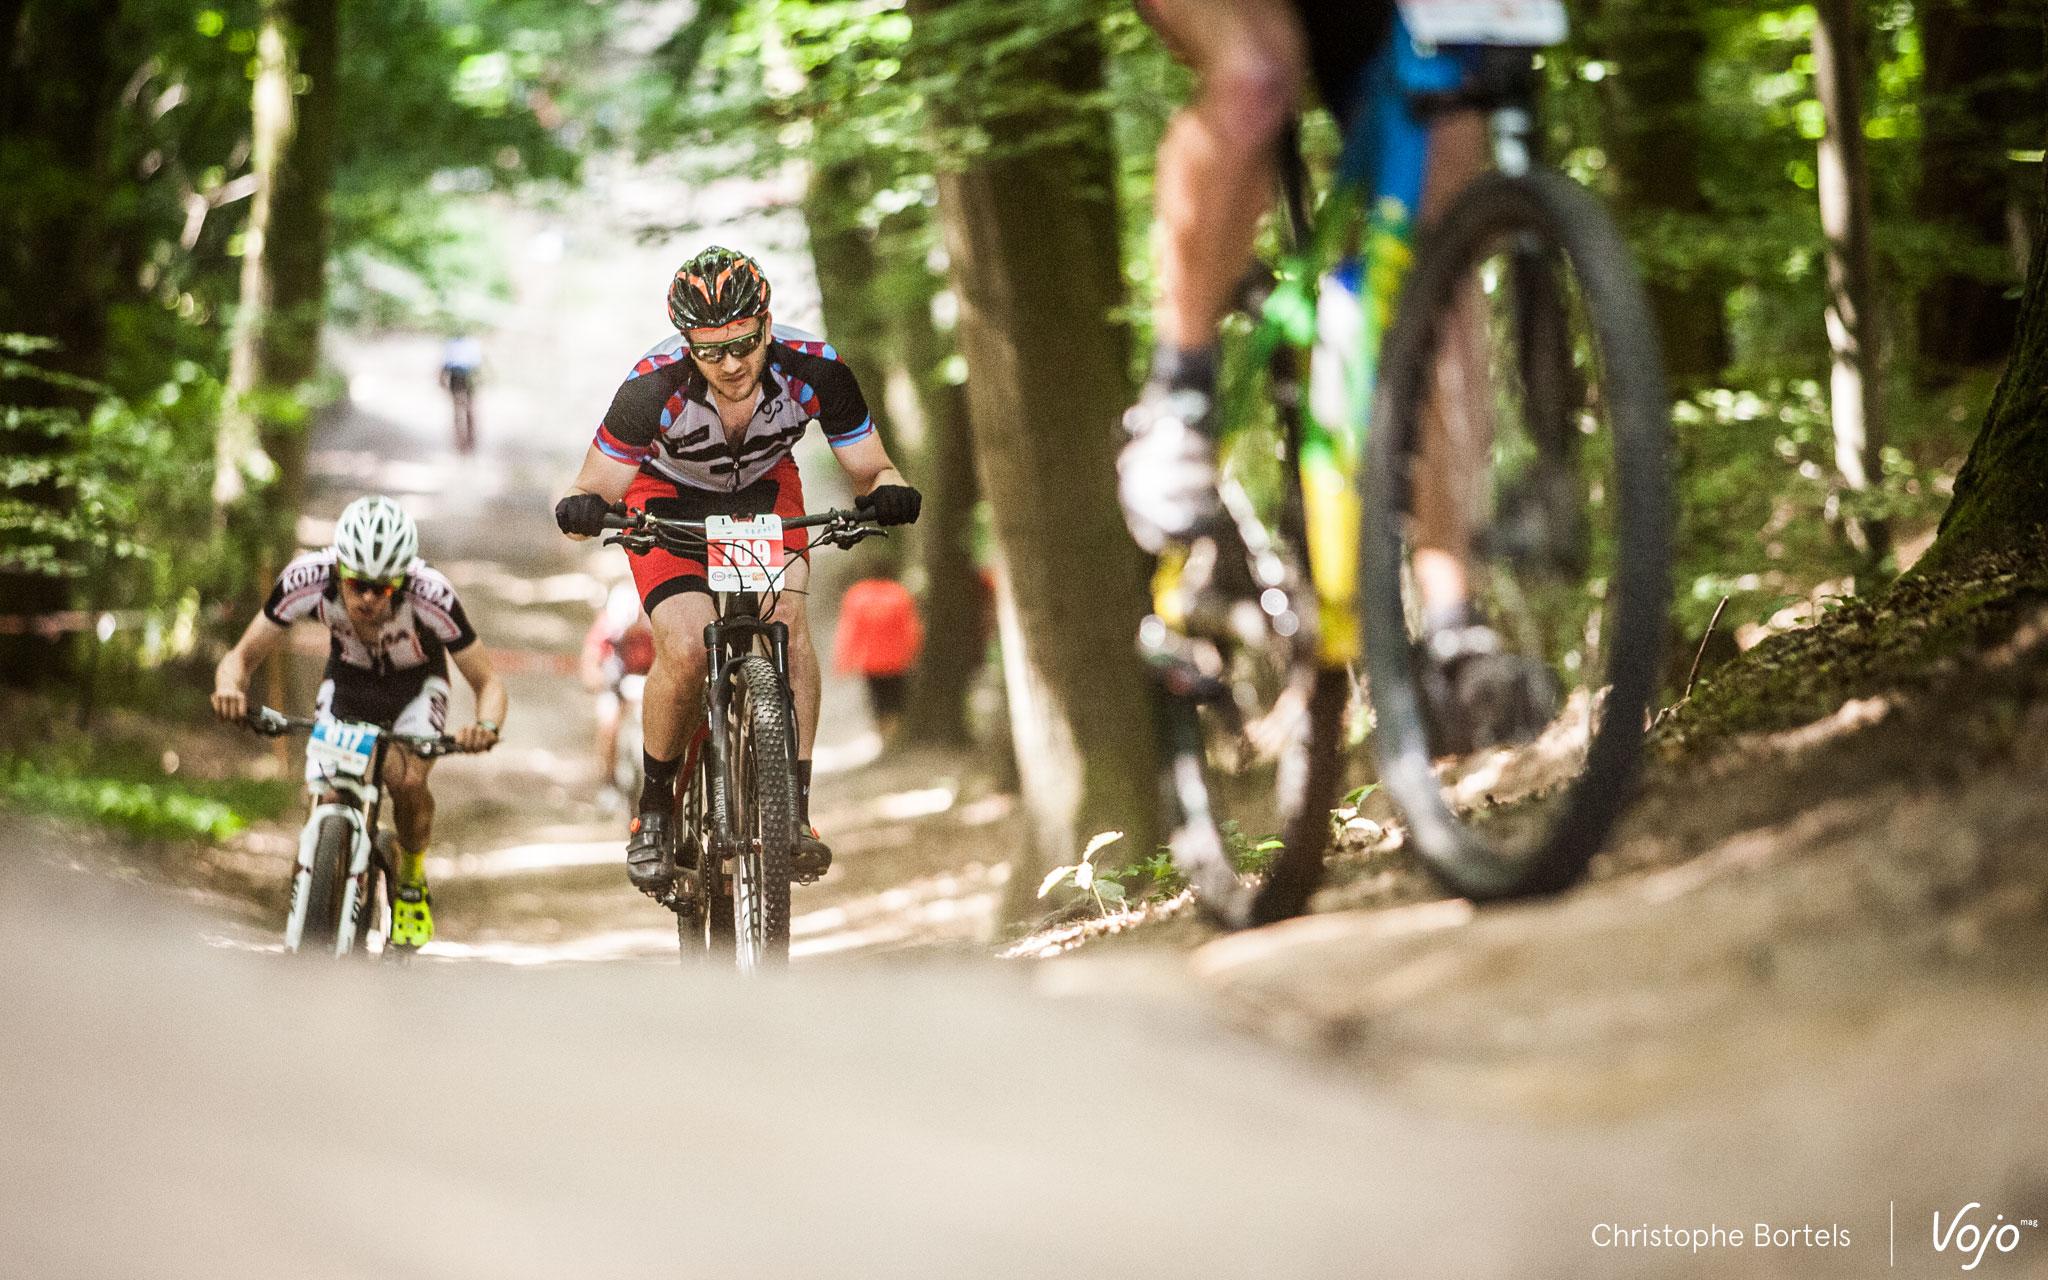 Championnat_Belgique_BDR_Bortels-9